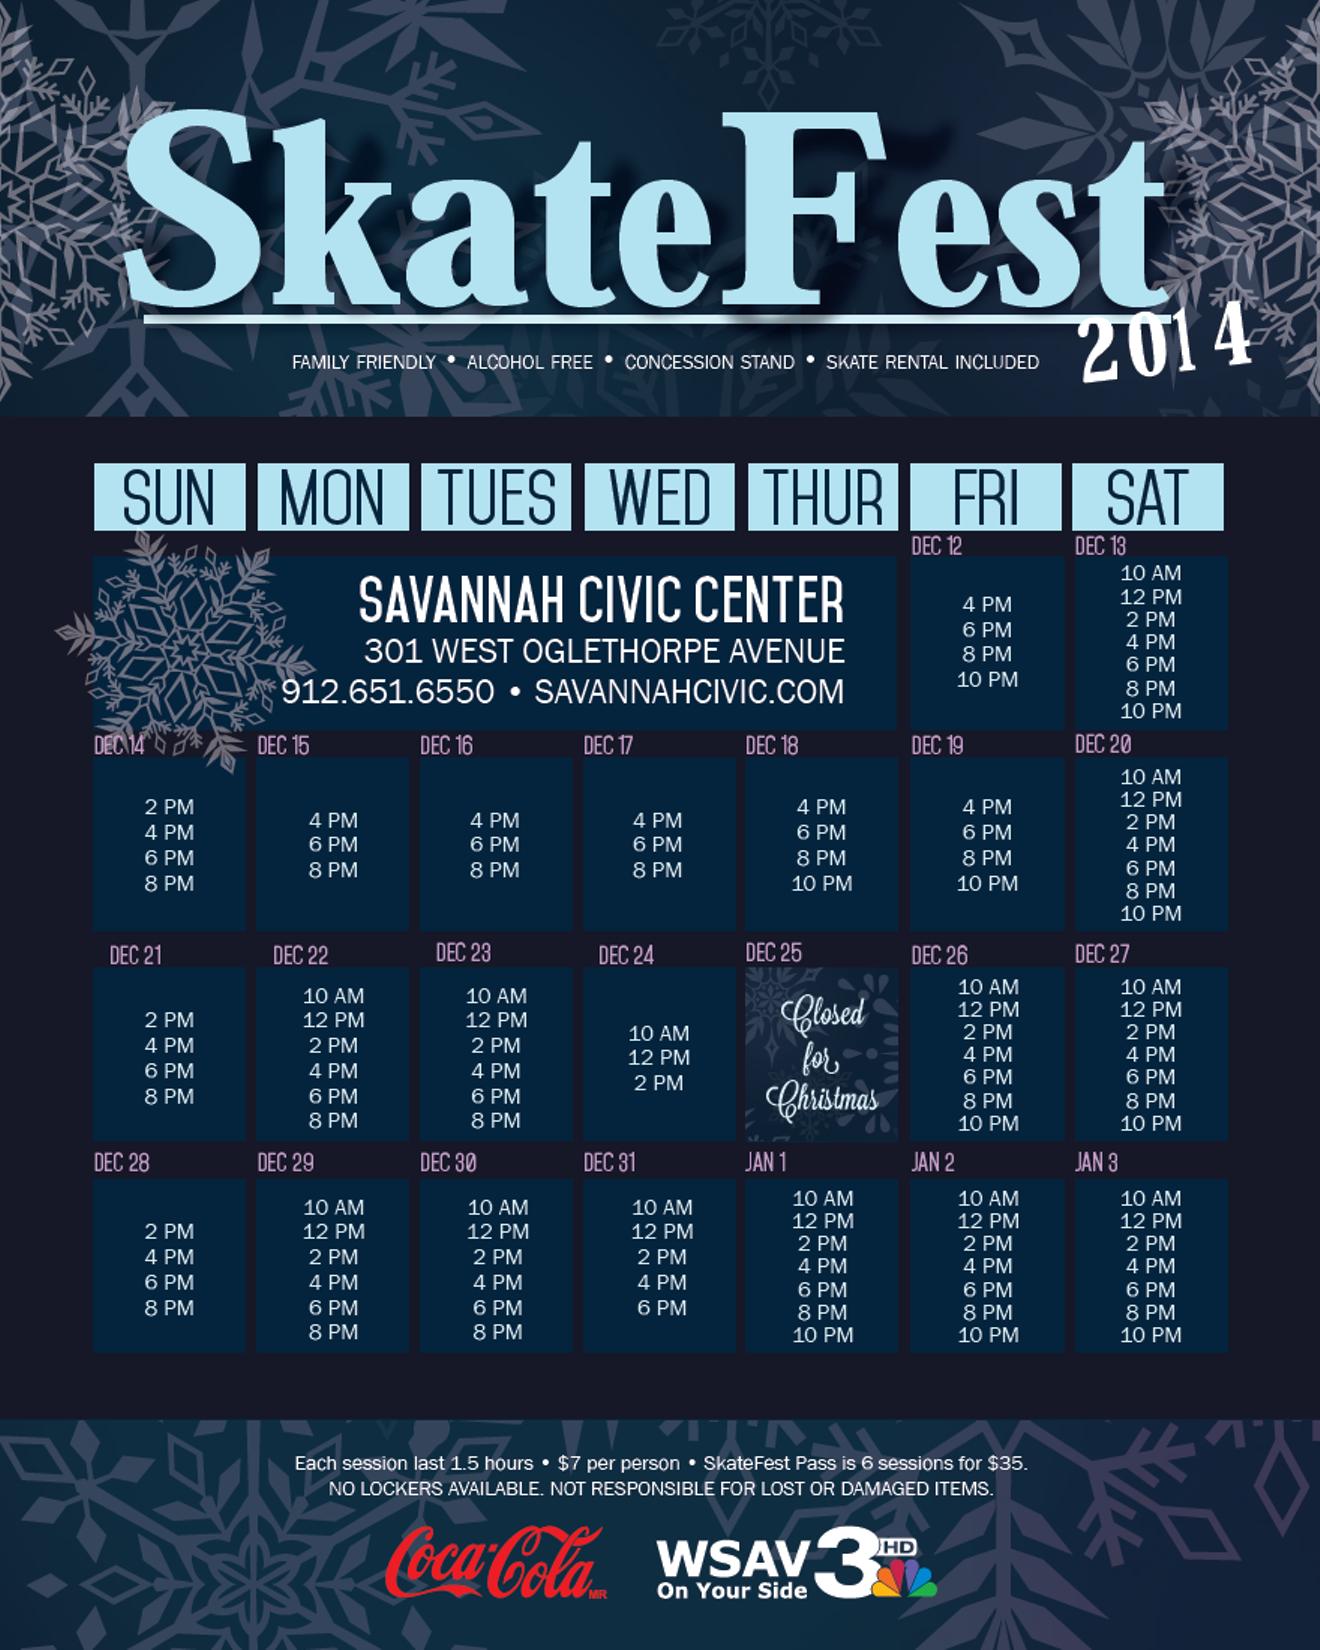 skatefest2014.png